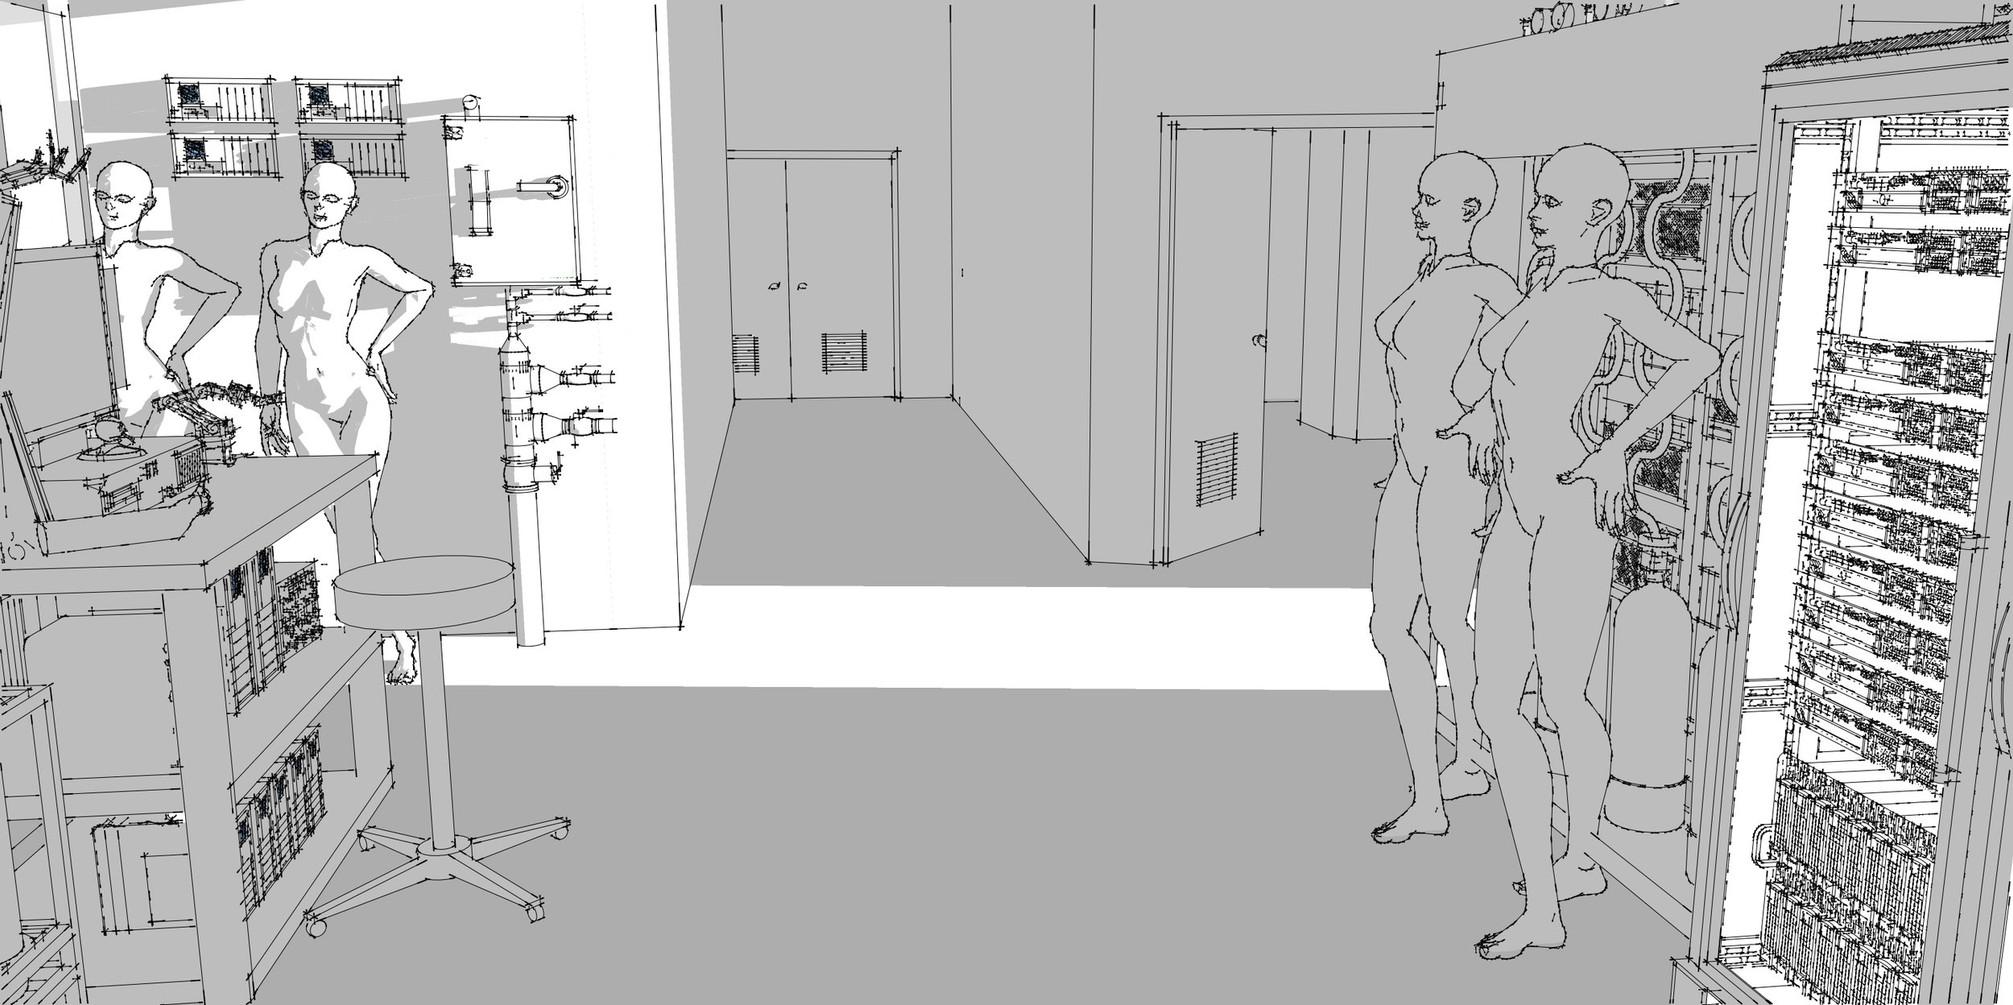 Factory Lab Sketch